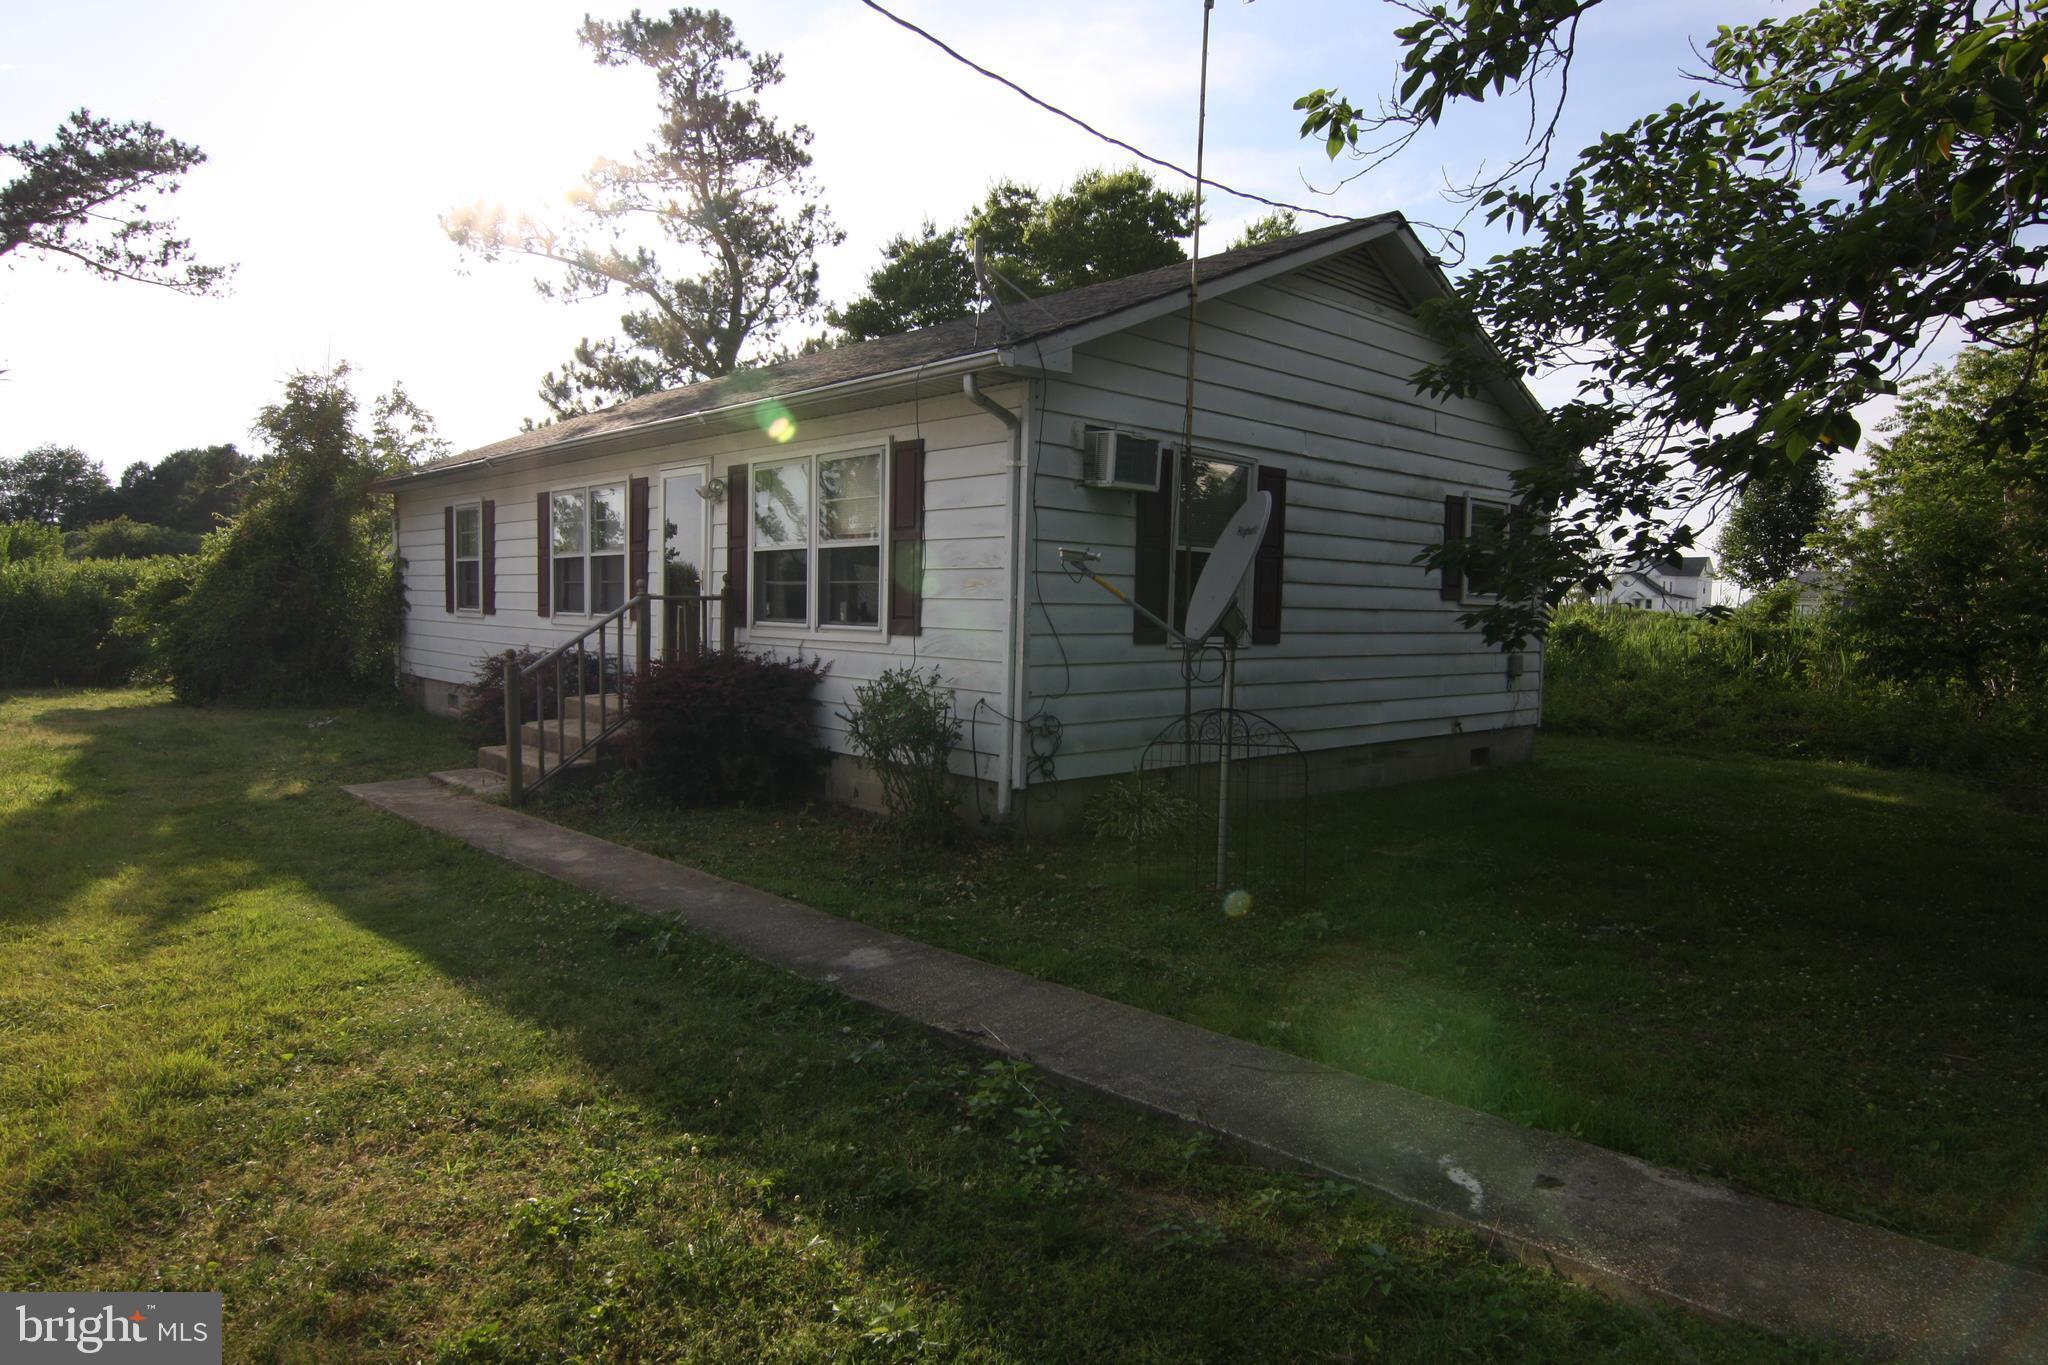 4014 DIZE ROAD, EWELL, MD 21824